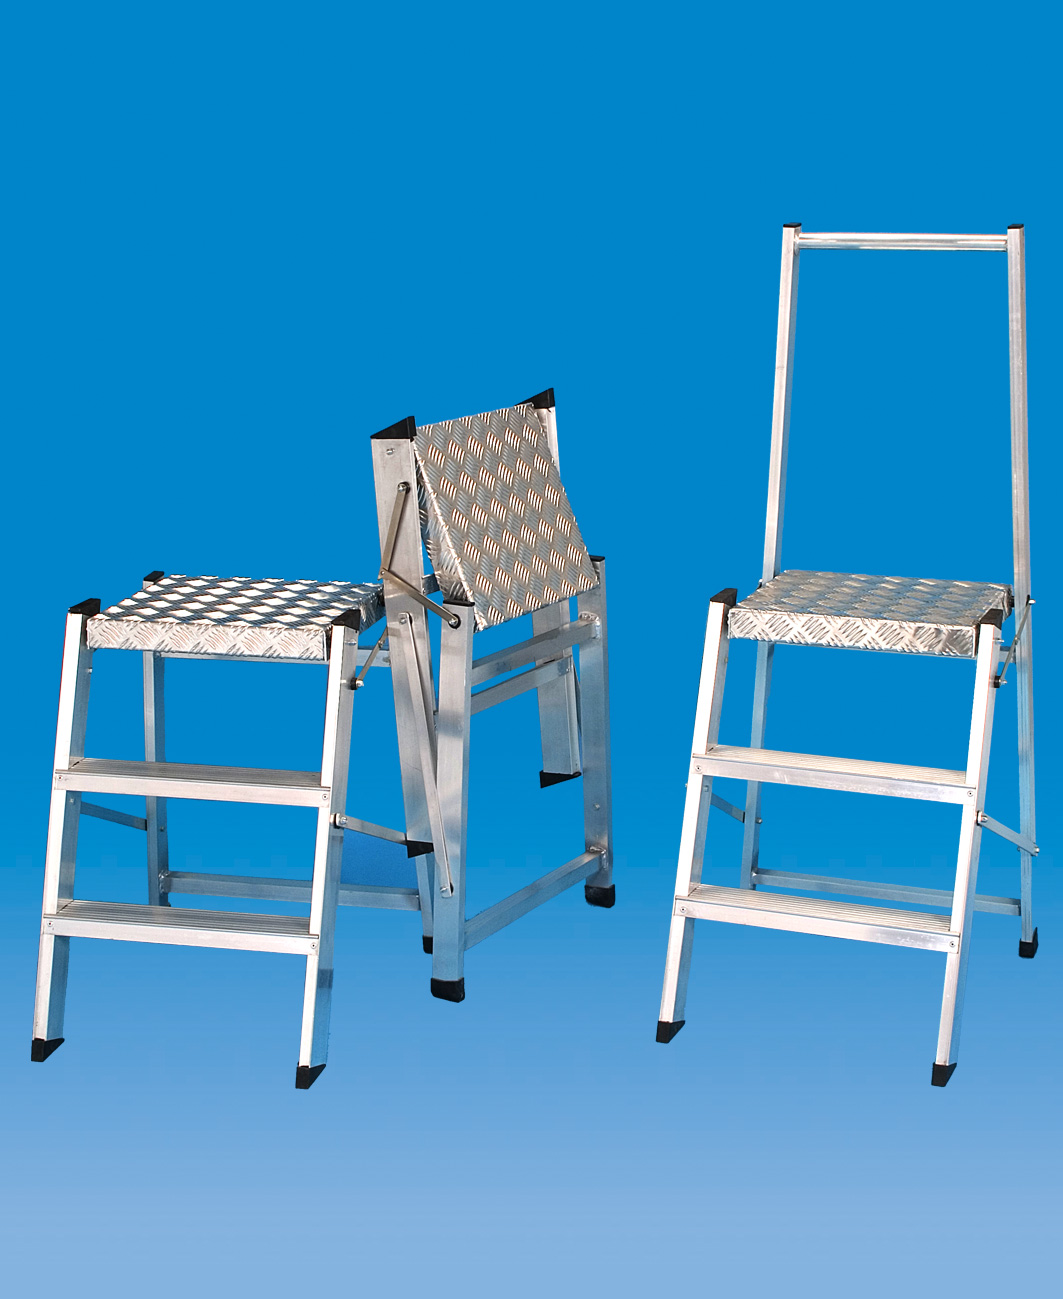 Sgabello Alluminio Pieghevole.Sgabello Pieghevole Art 340 Troviamo Tutte Le Soluzioni A